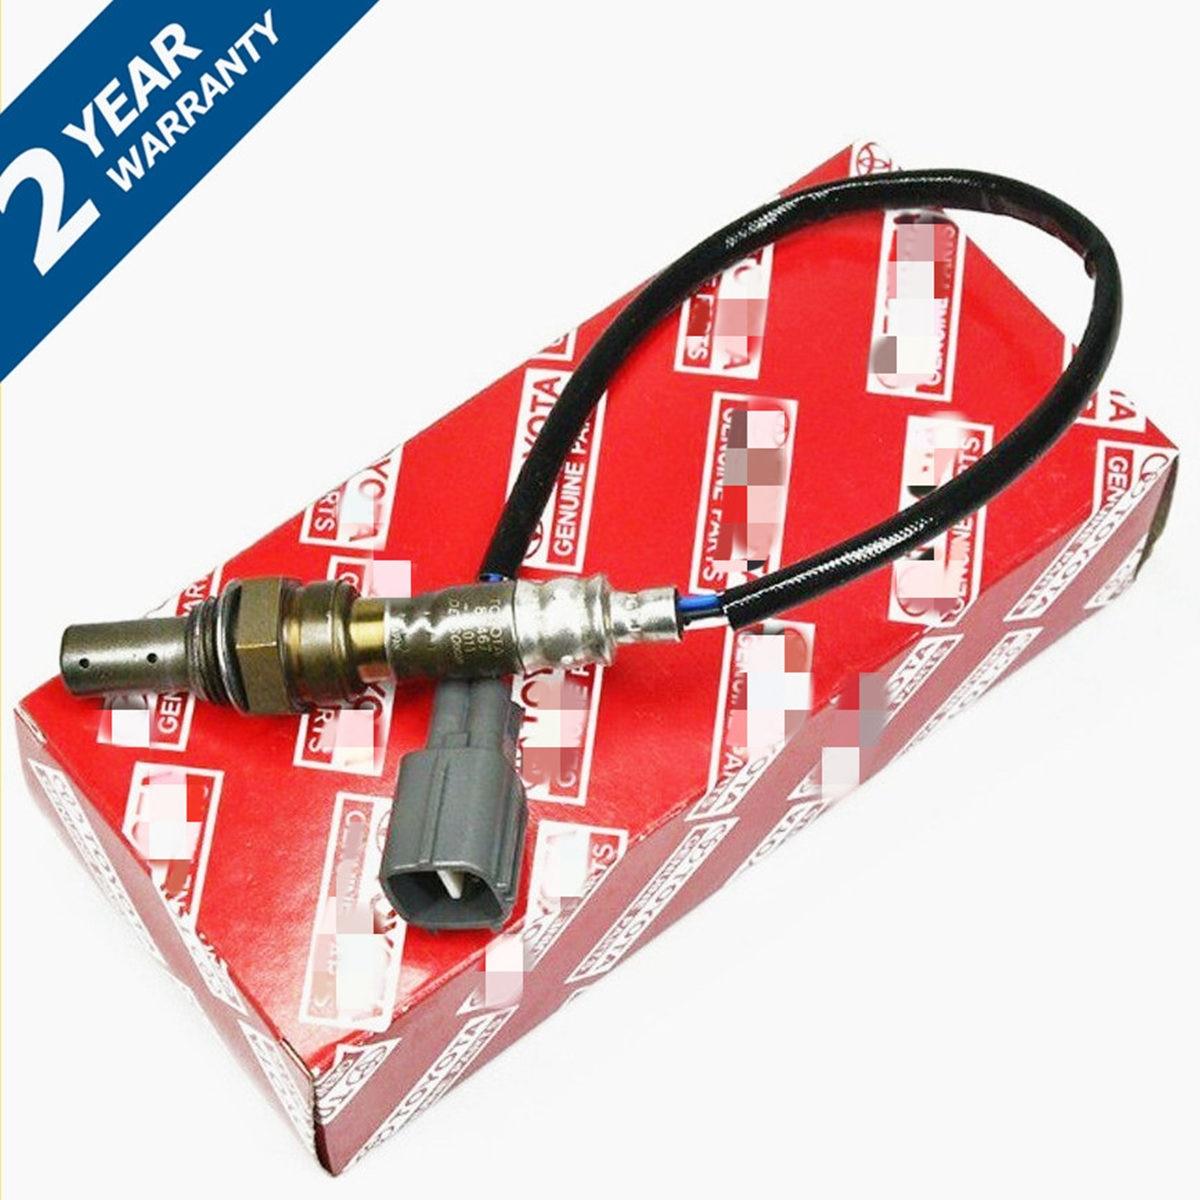 Air Fuel Ratio O2 Zuurstof Sensor SG848 89467-48011 234-9009 Voor Toyota Lexu RX300 G1R